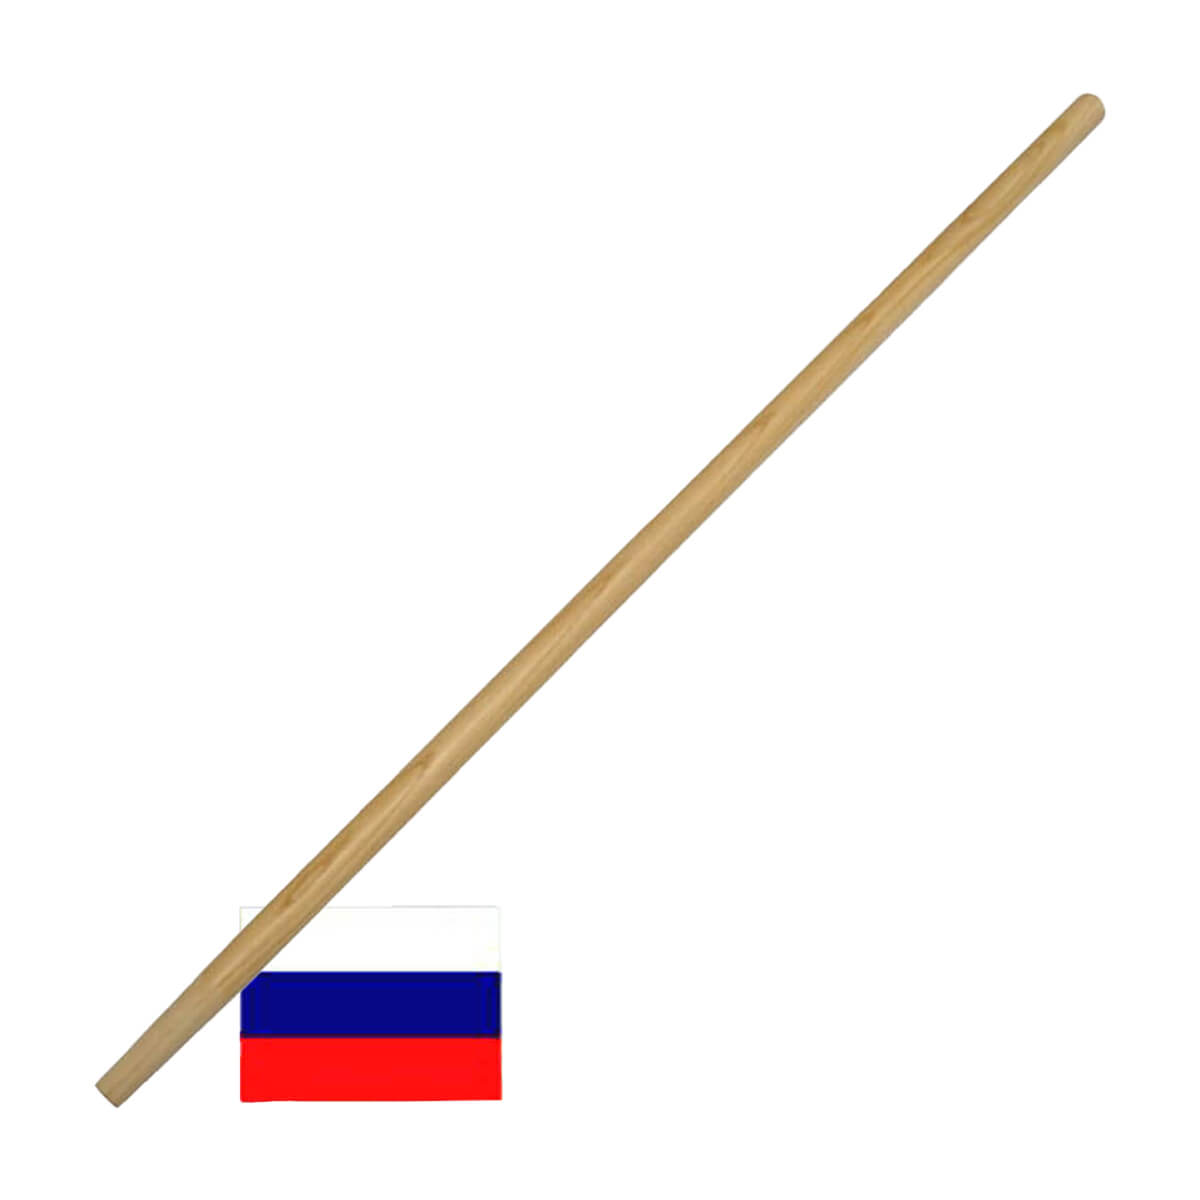 دسته بیل روسی